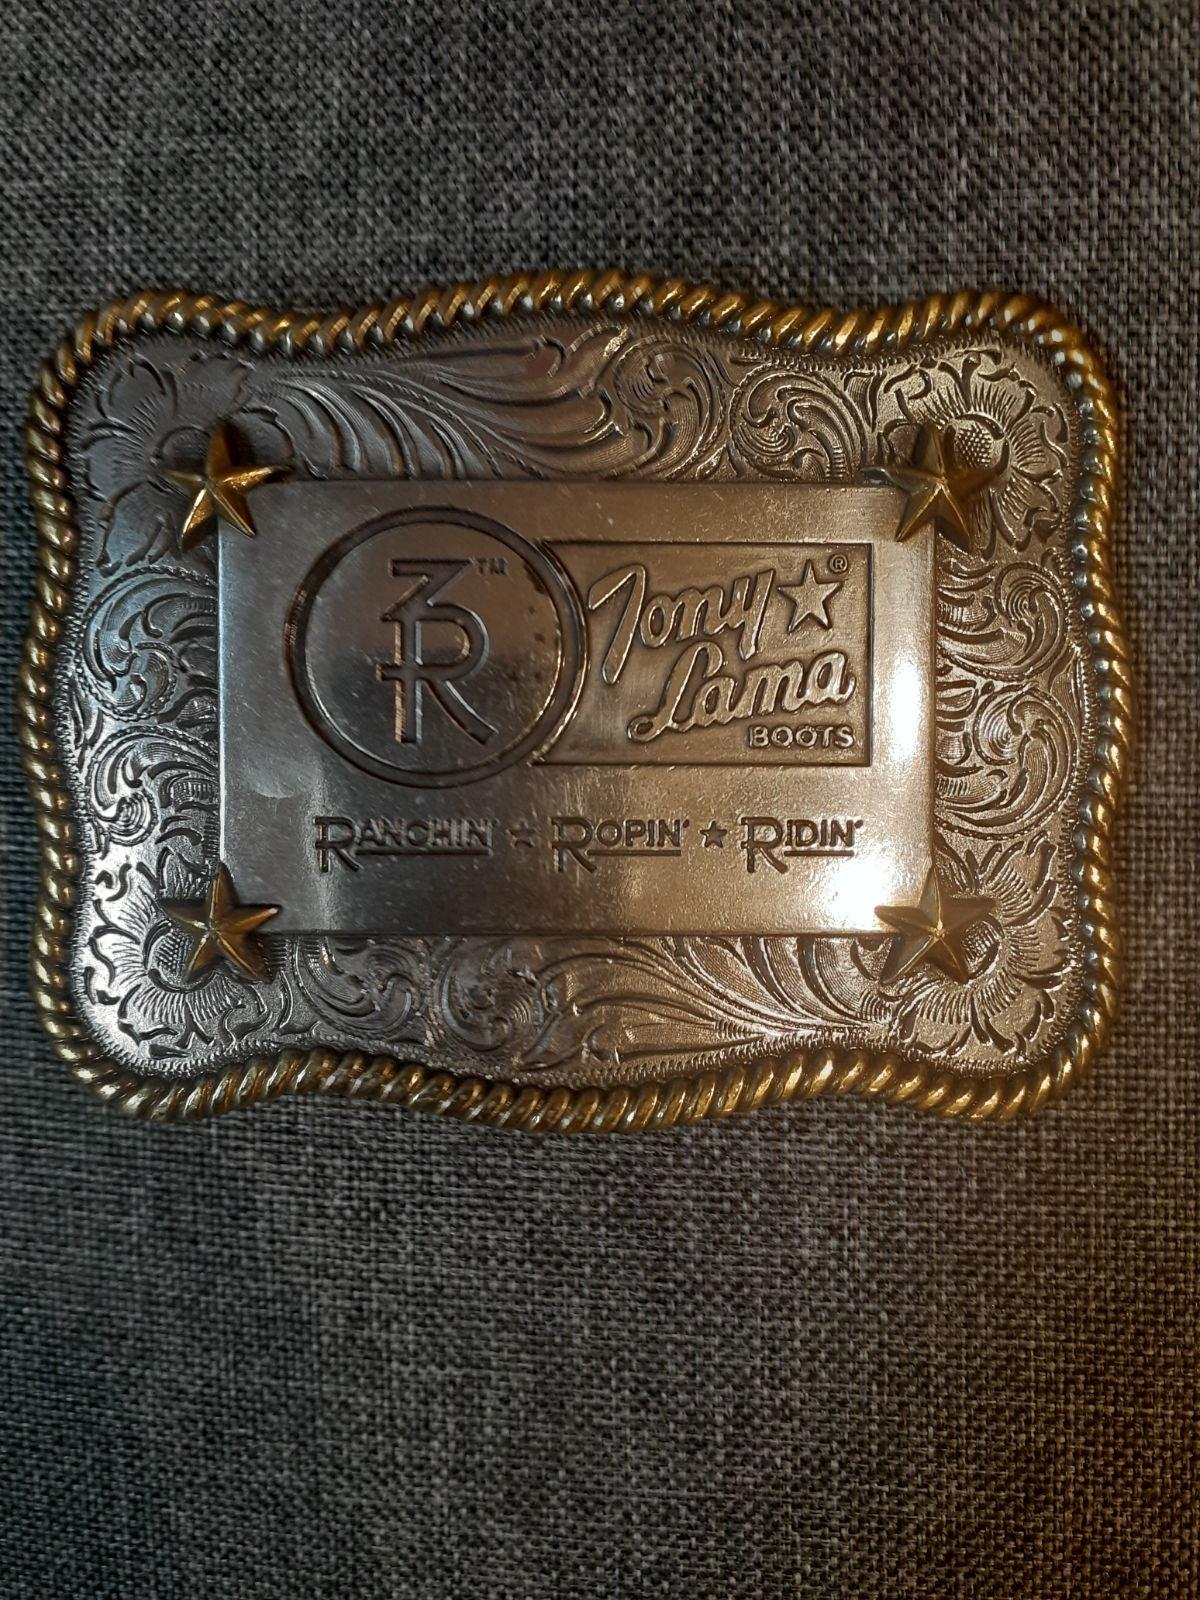 Tony Lama Trophy belt buckle